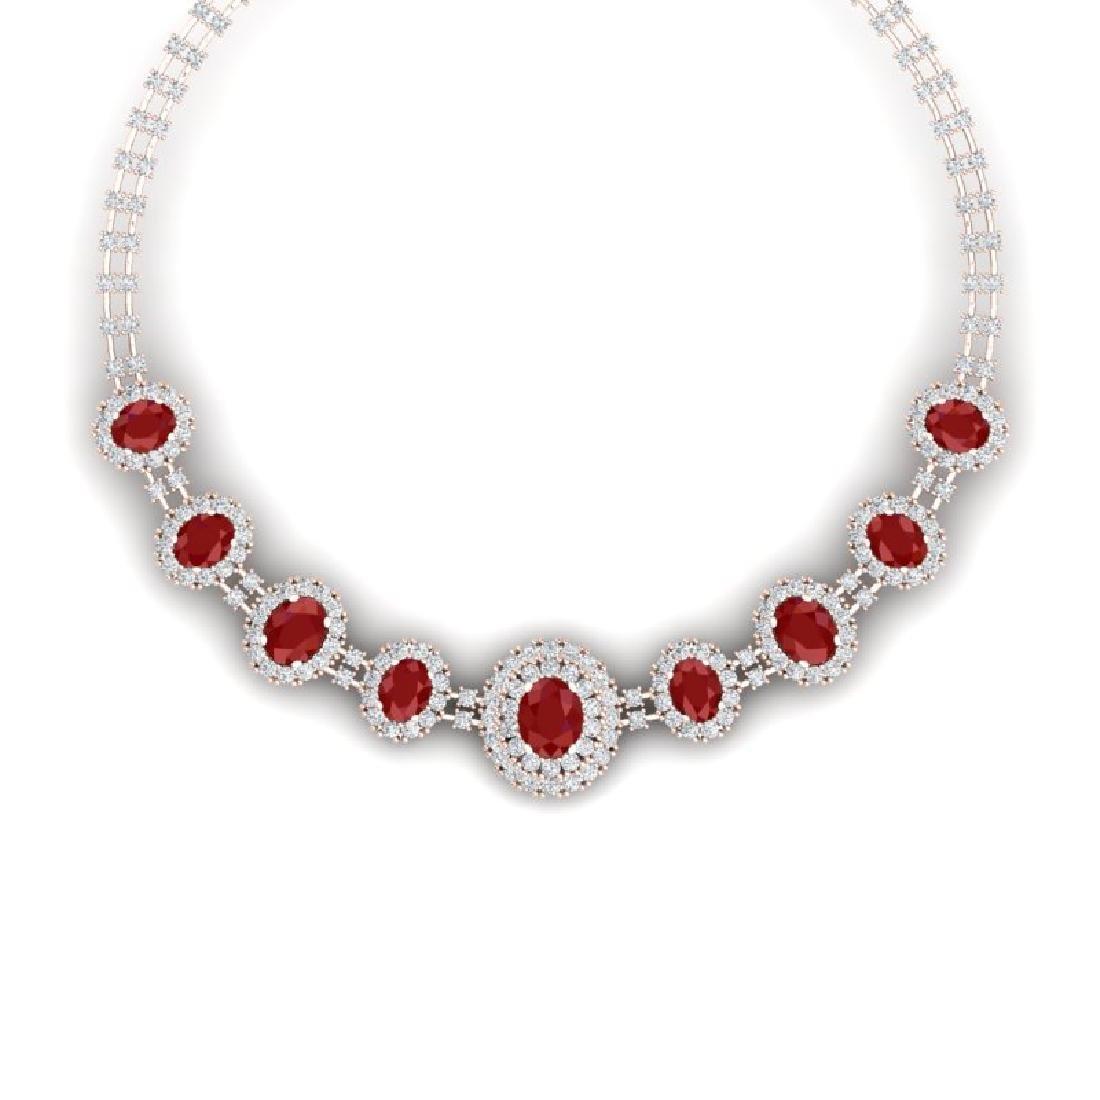 45.69 CTW Royalty Ruby & VS Diamond Necklace 18K Rose